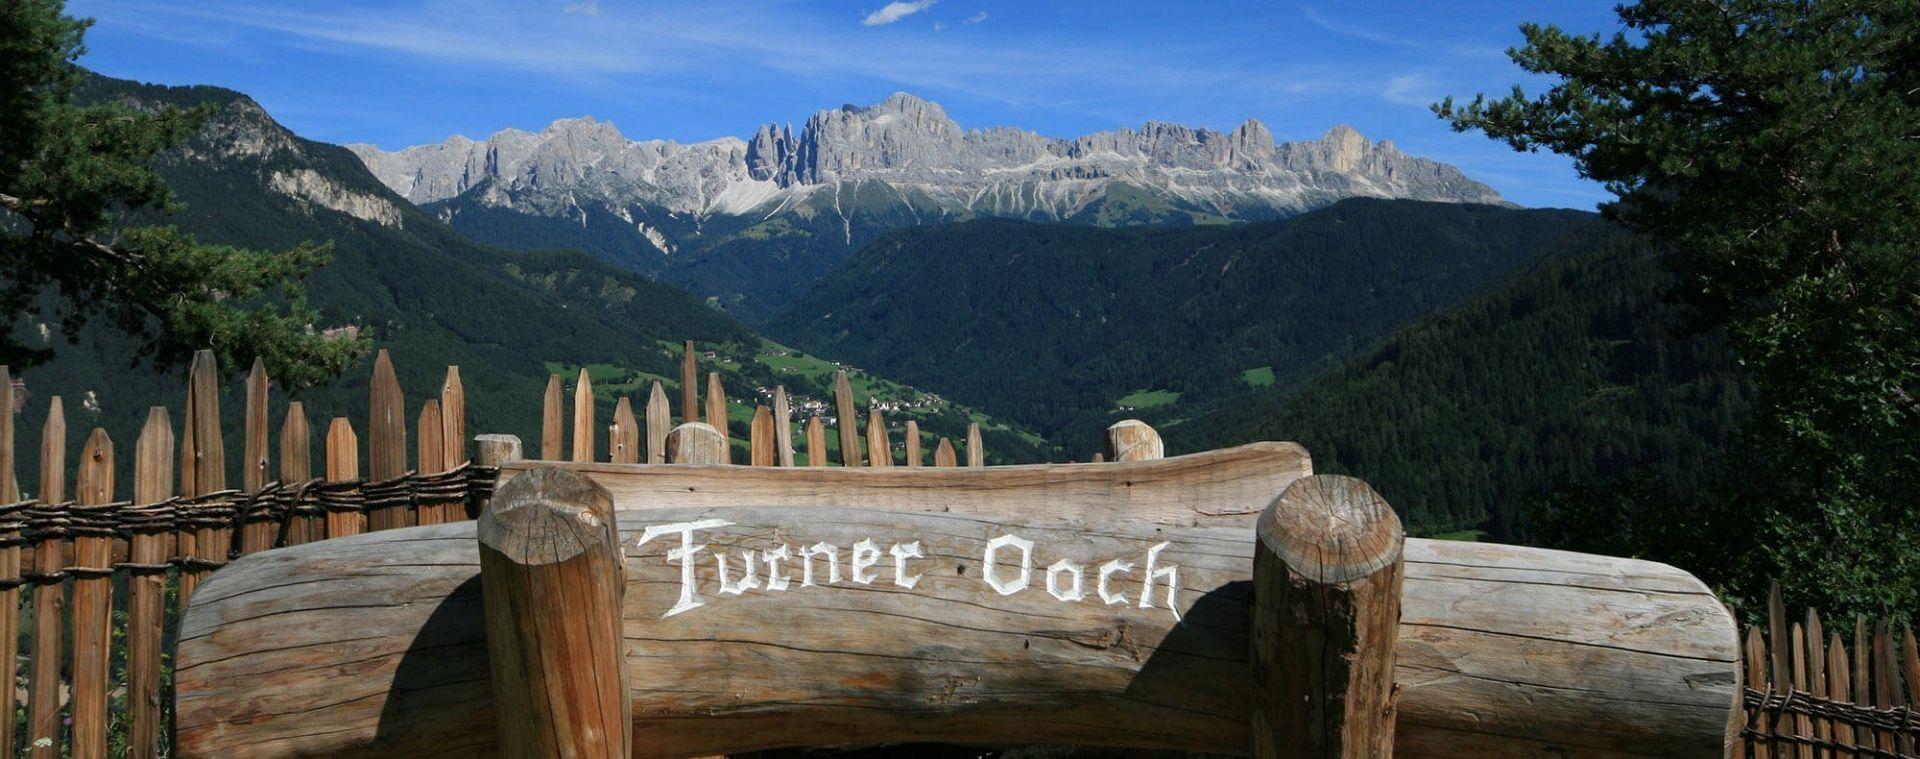 Settimana di apertura del Furnerhof Collepietra: sconto del 15%.